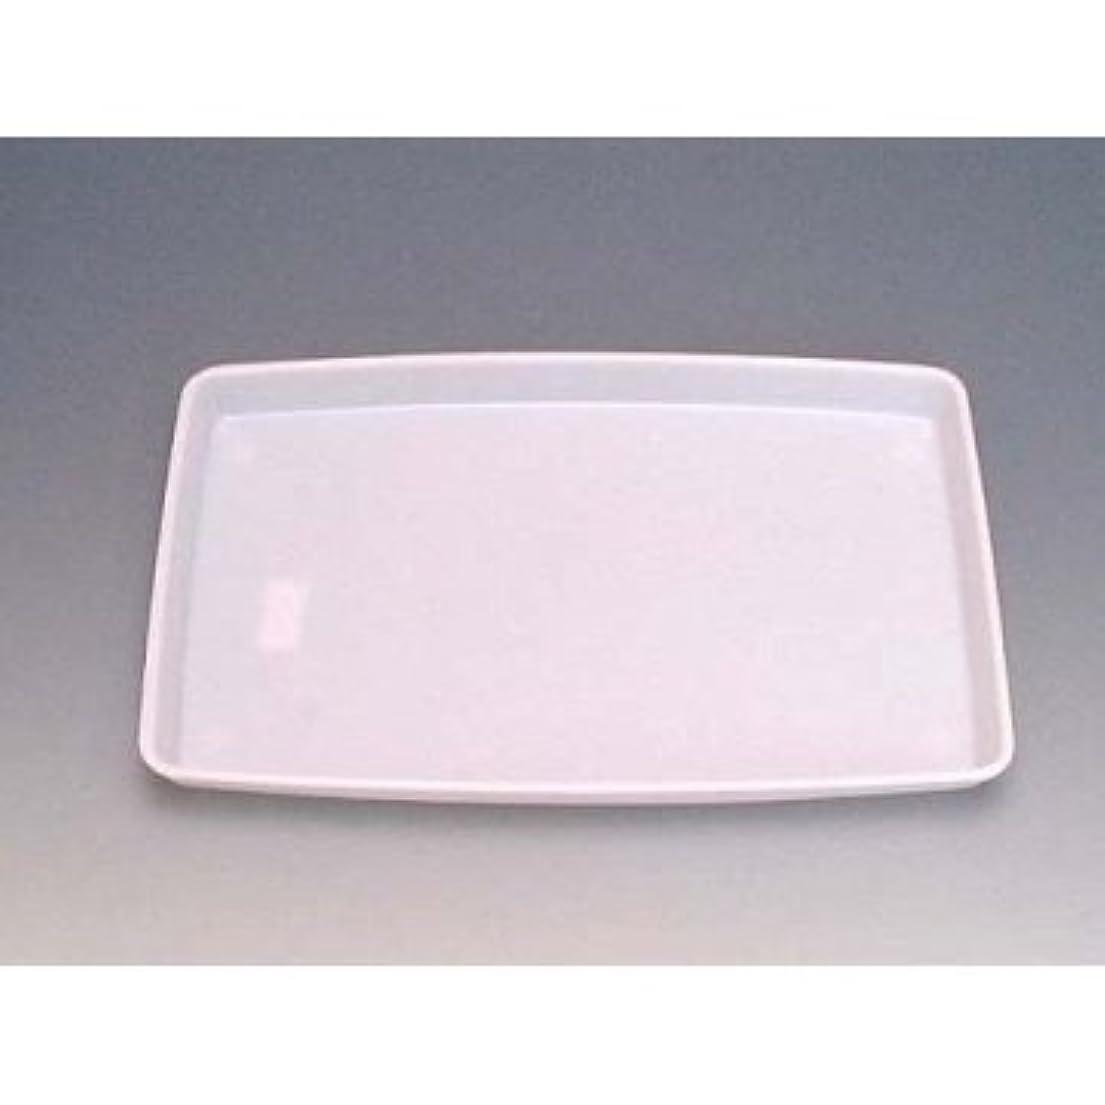 確実家禽樹木米正 エバーメイト われない台皿 カラーホワイト